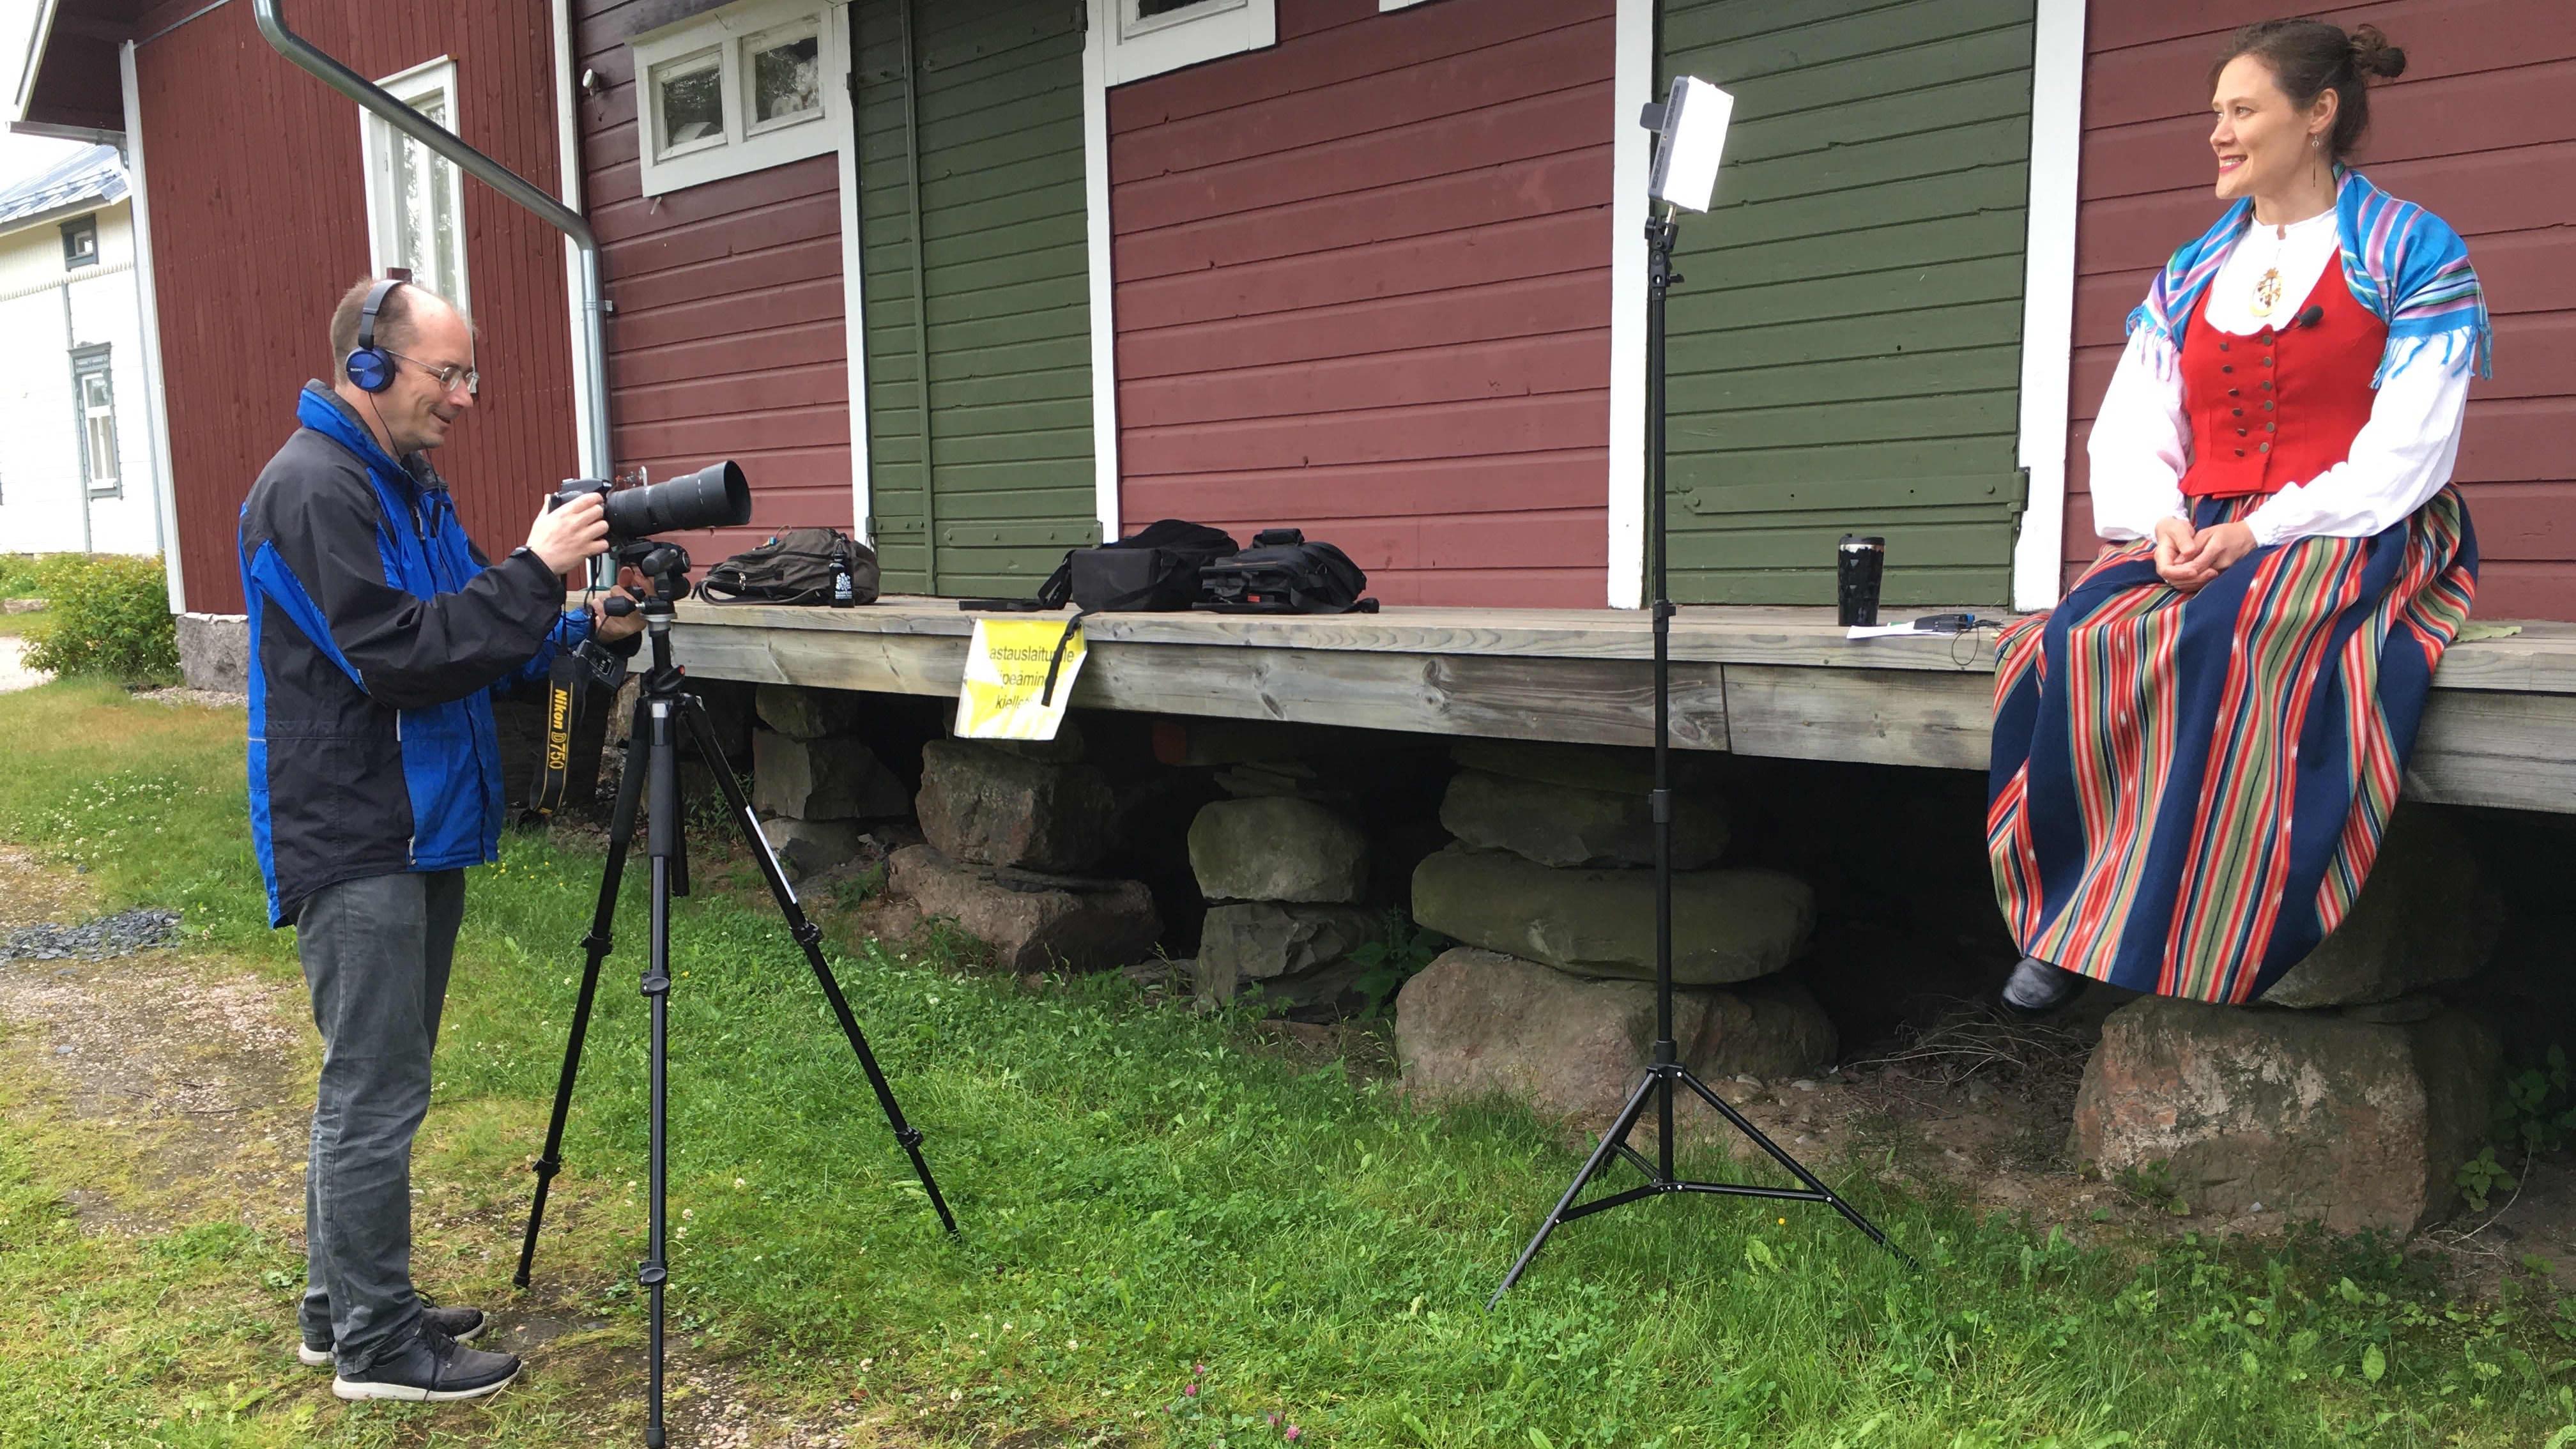 Kuvassa kuvataan VirtuaaliKaustisen aamutervehdystä. Kuvasaa näkyy kuvaaja ja kansanpuvussa oleva ohjelmajohtaja.